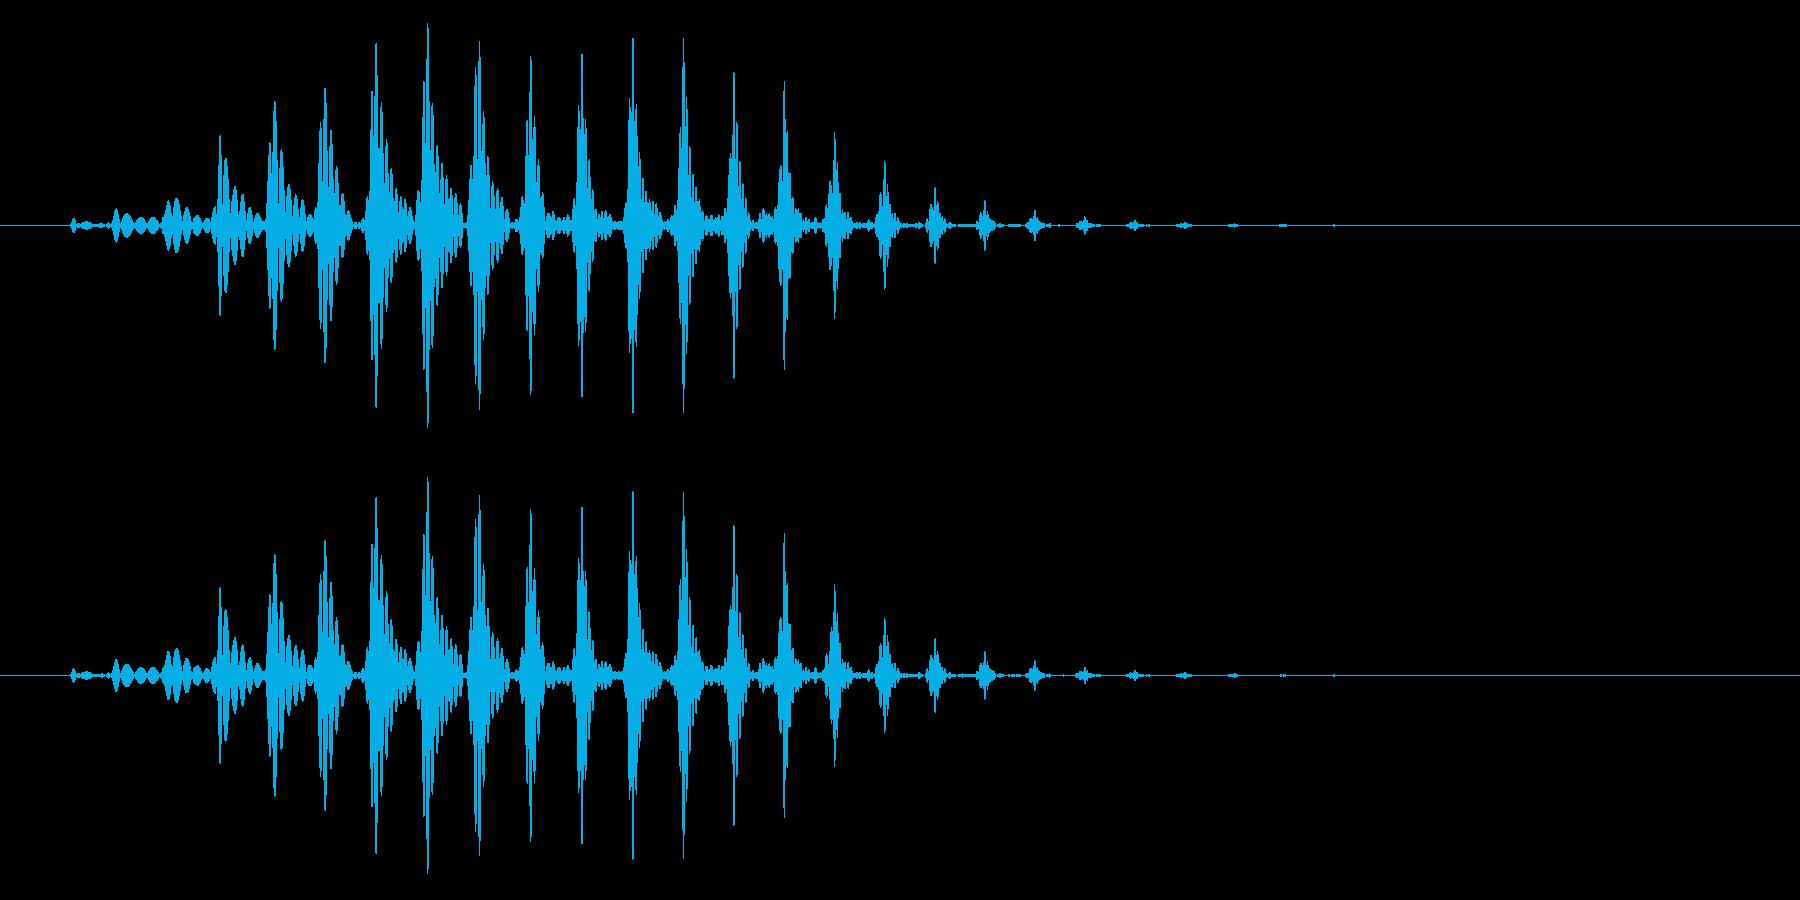 モァッという低い効果音の再生済みの波形